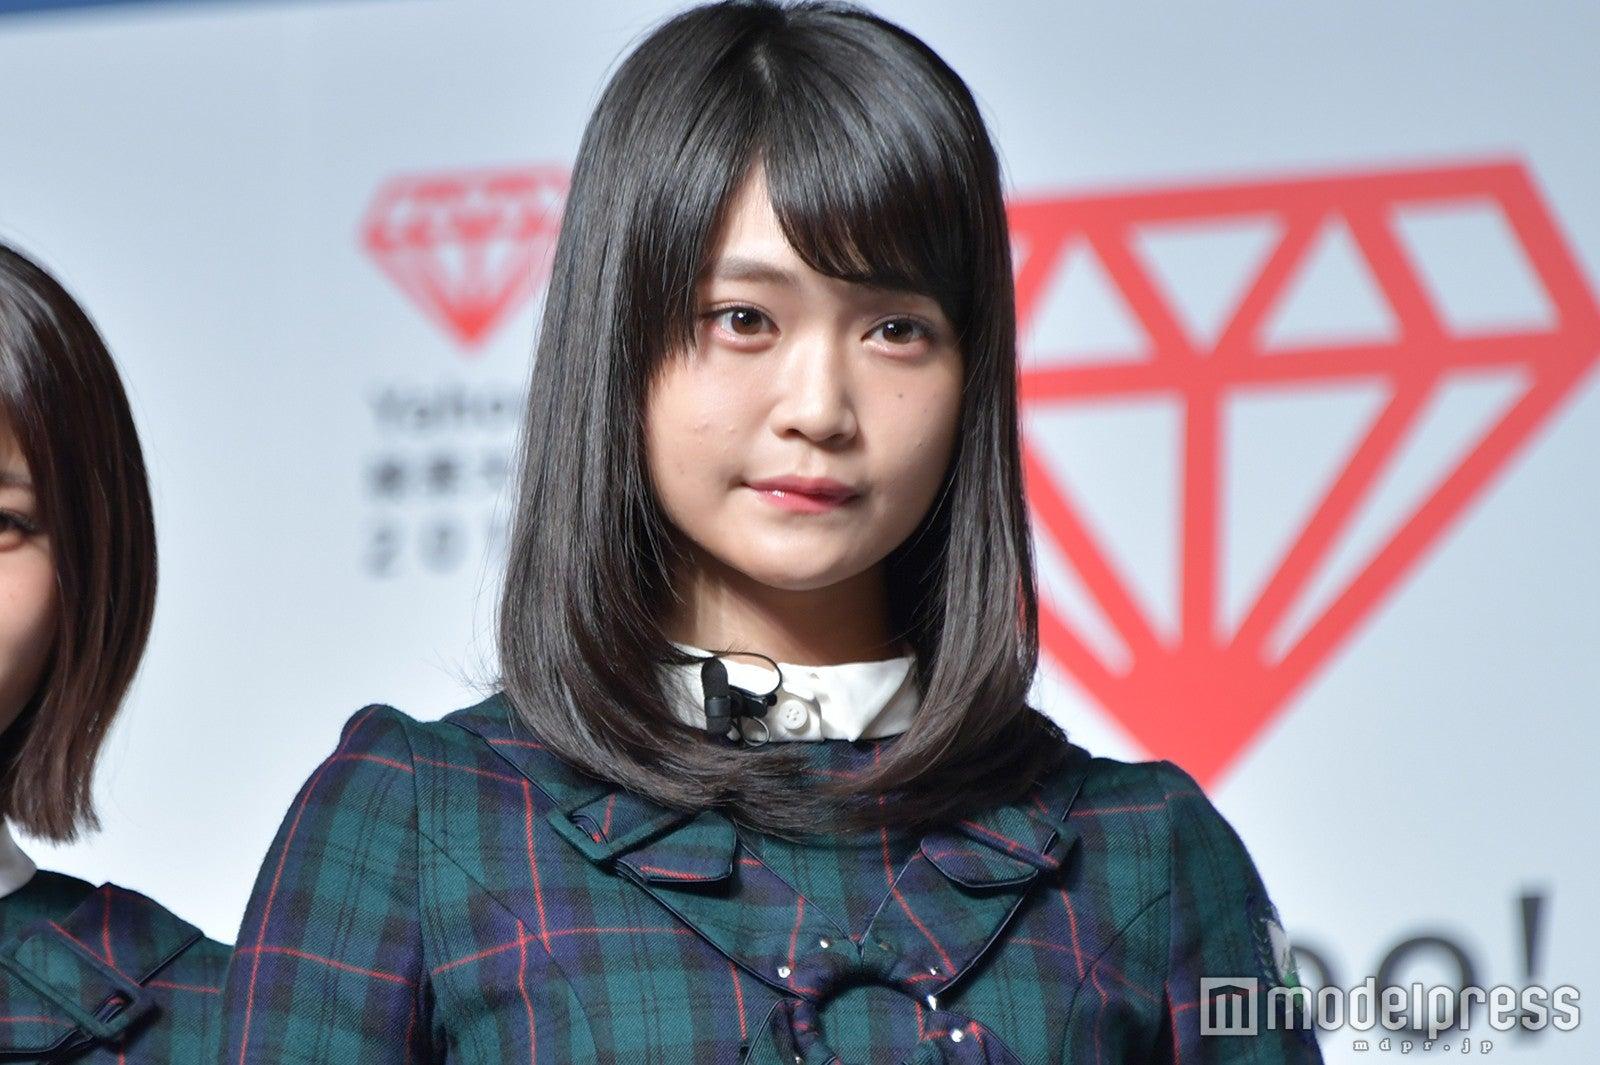 【欅坂46】石森虹花、卒業を発表!本人の意向受け ラストライブも参加せず